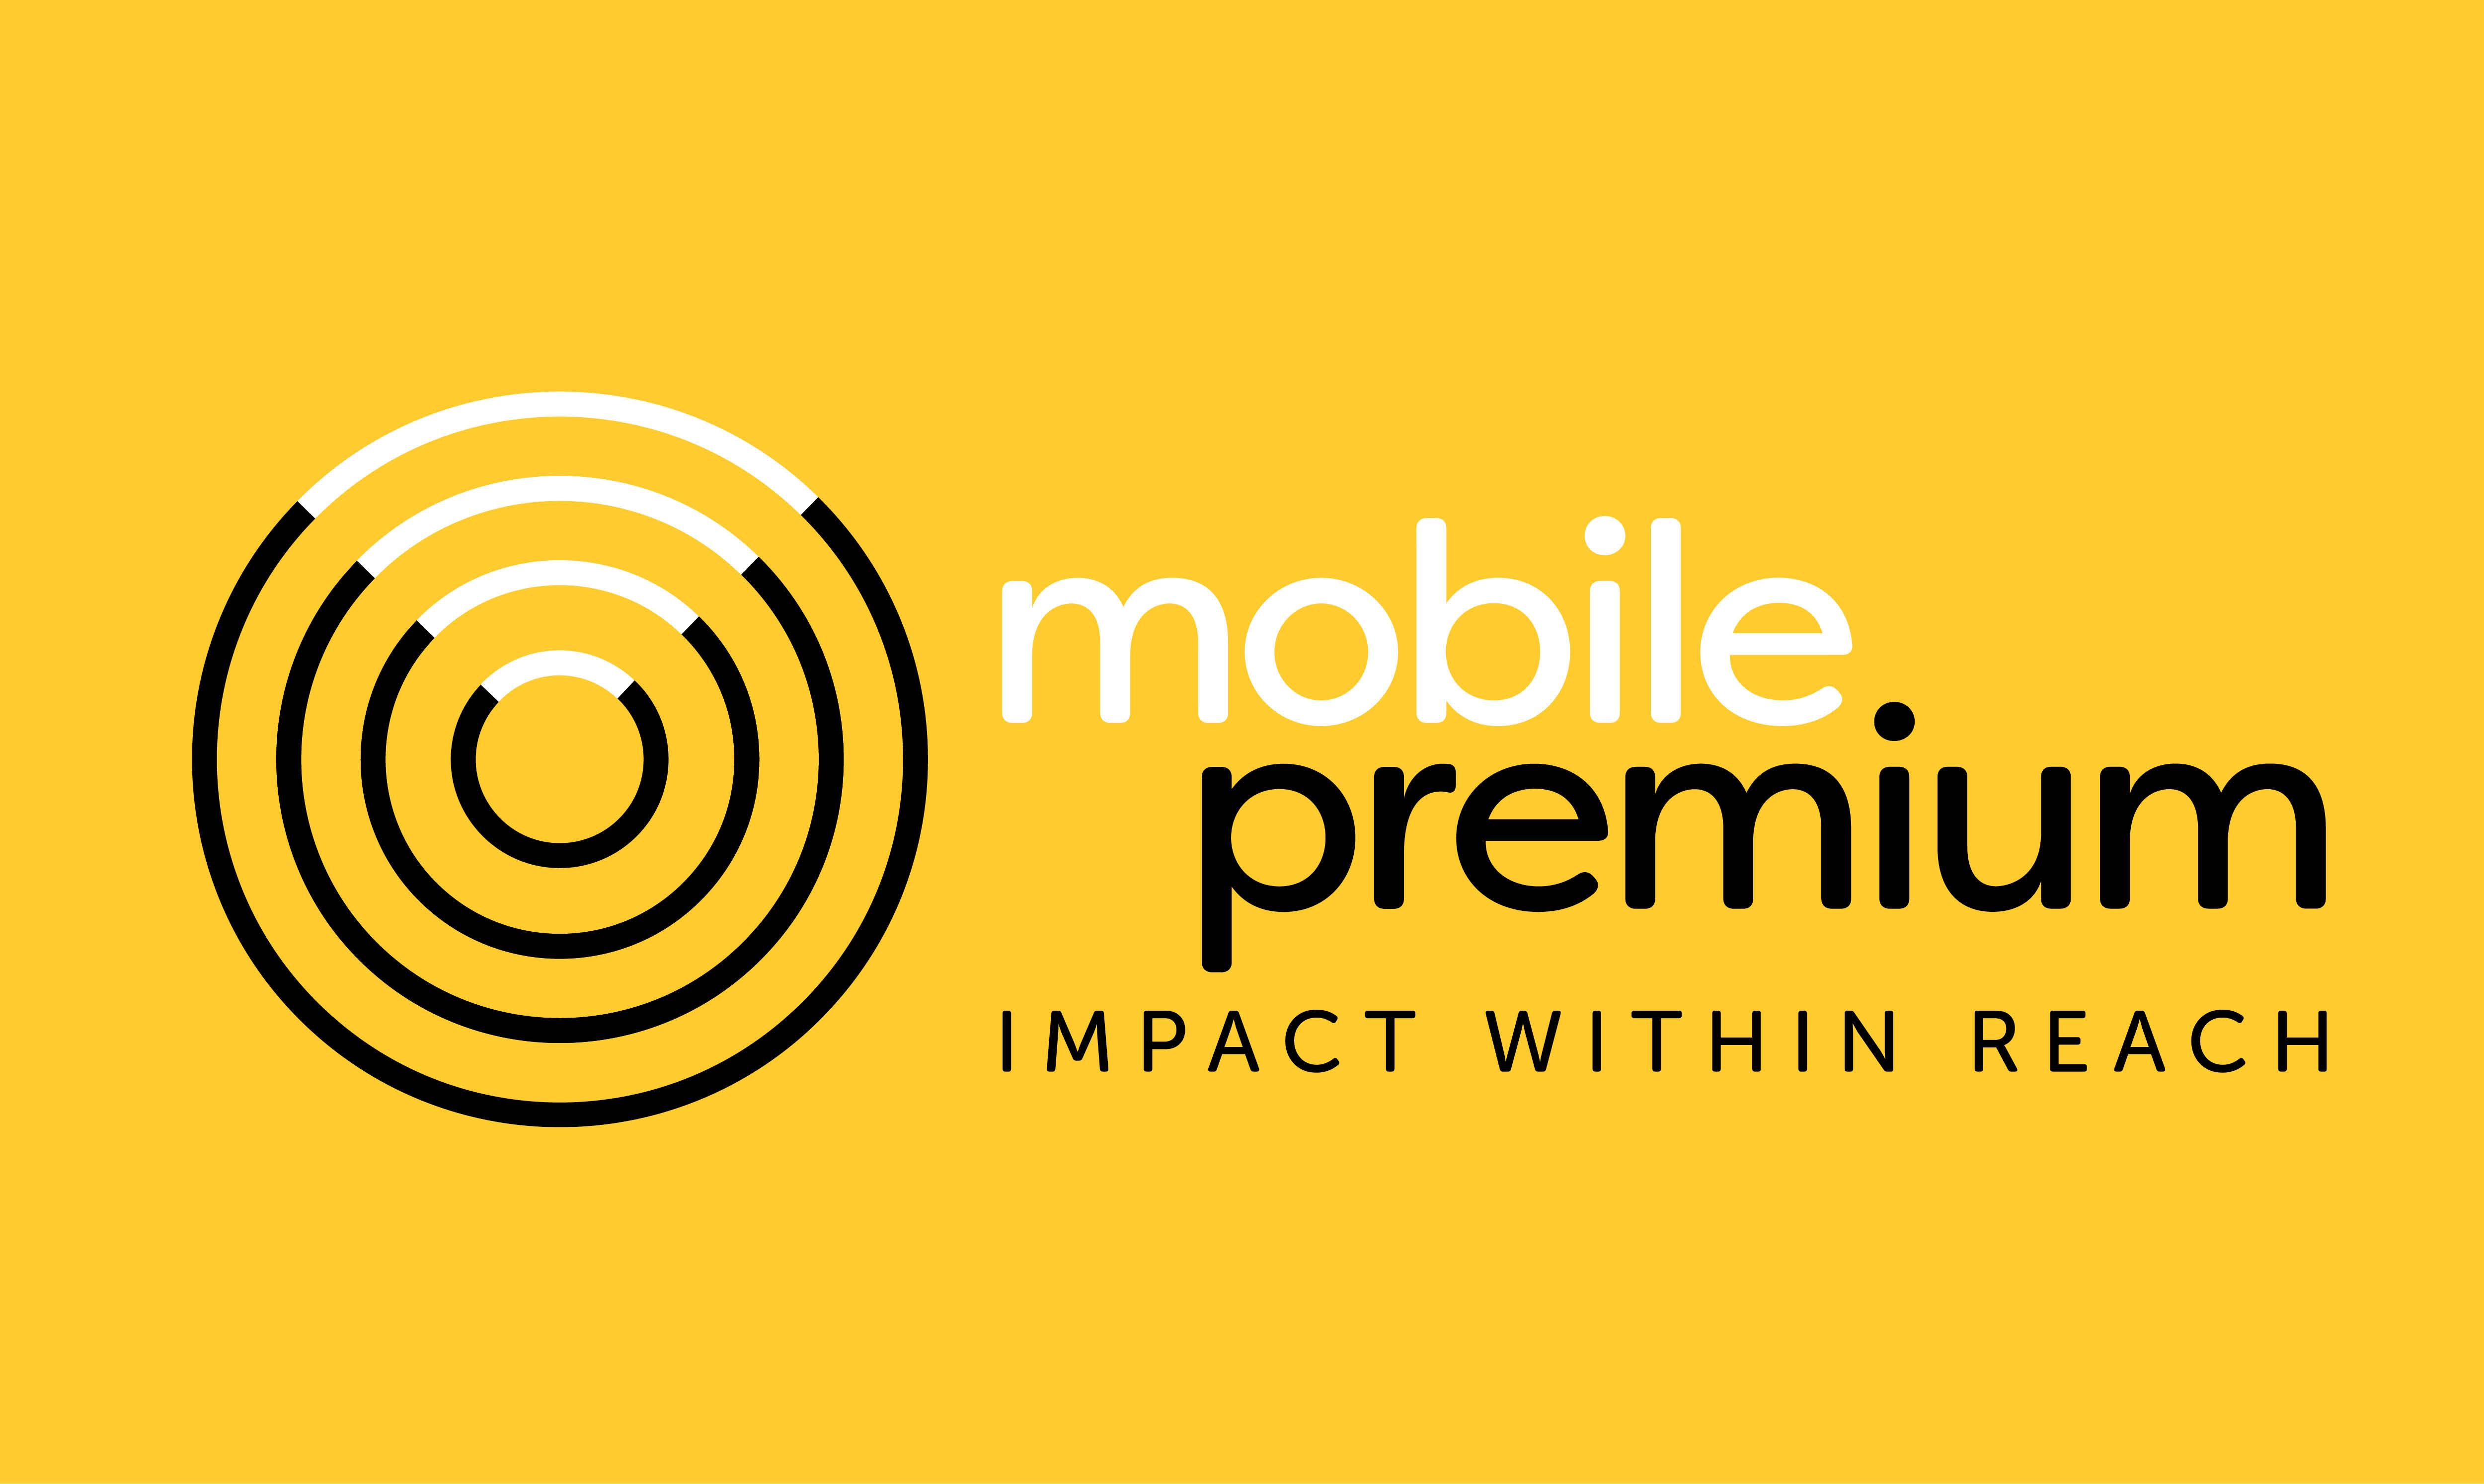 mobile premium